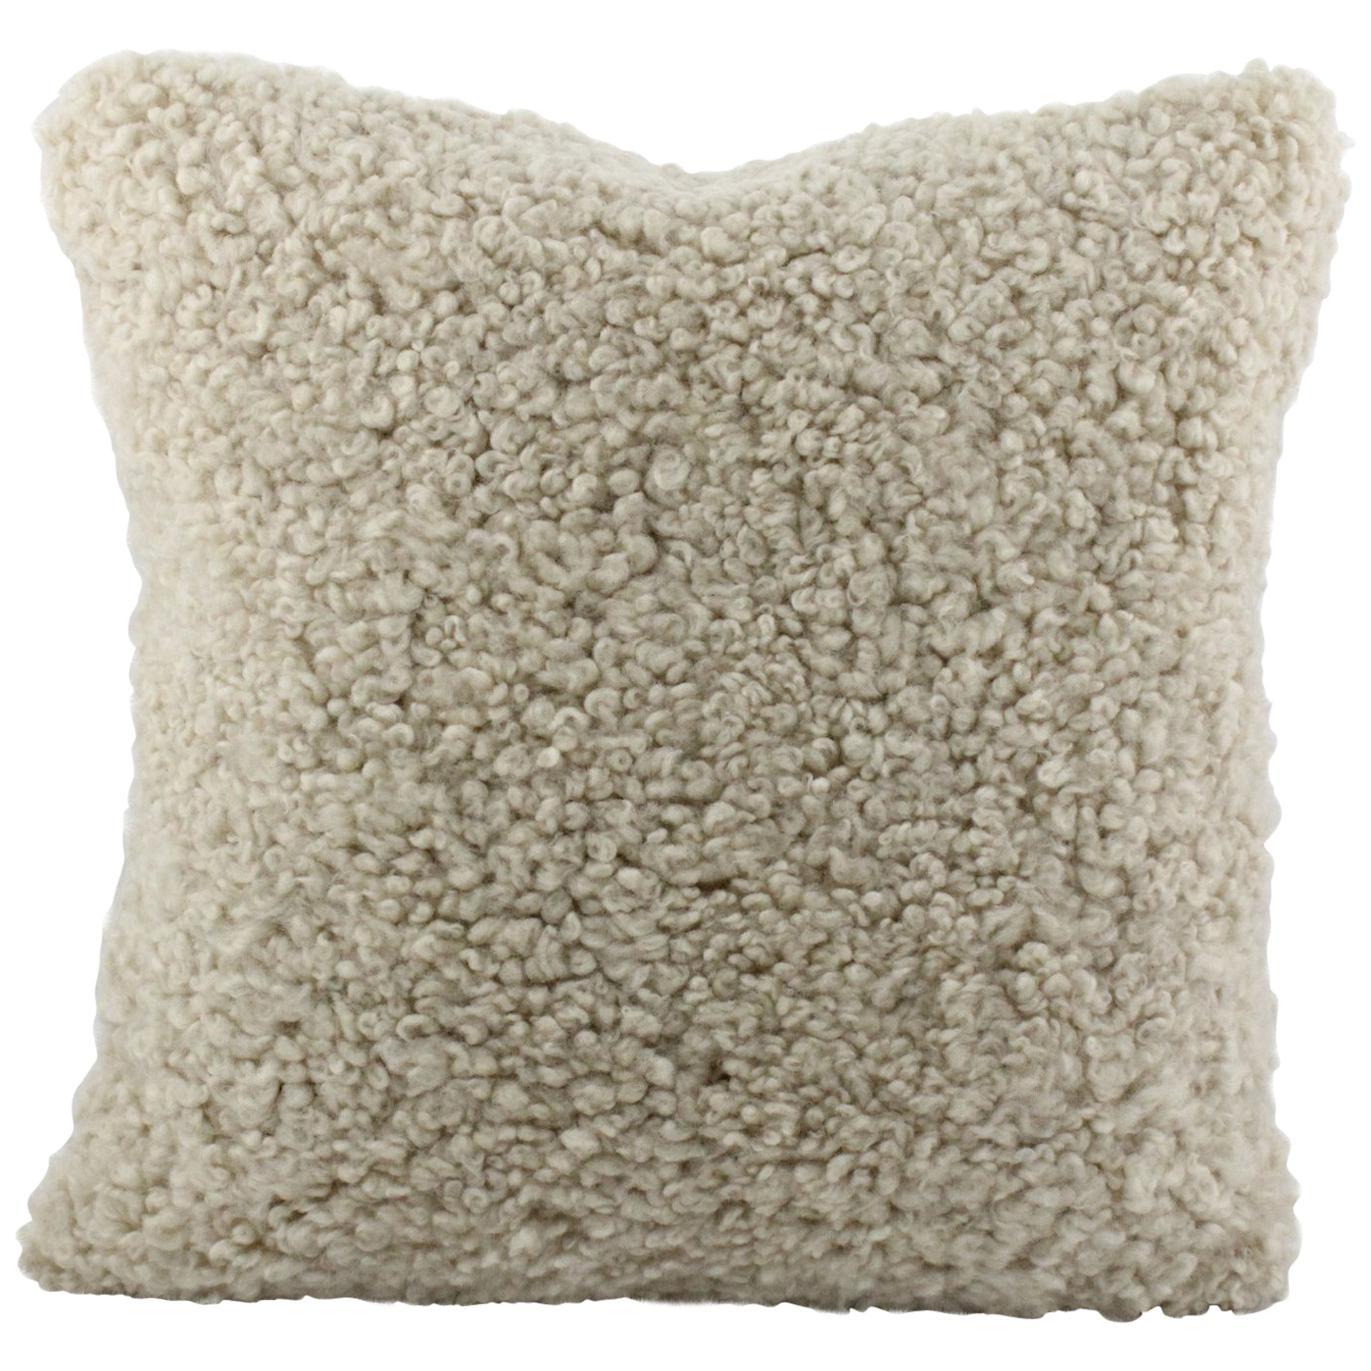 Australian Sheepskin Shearling Pillow Cushion 40x40cm